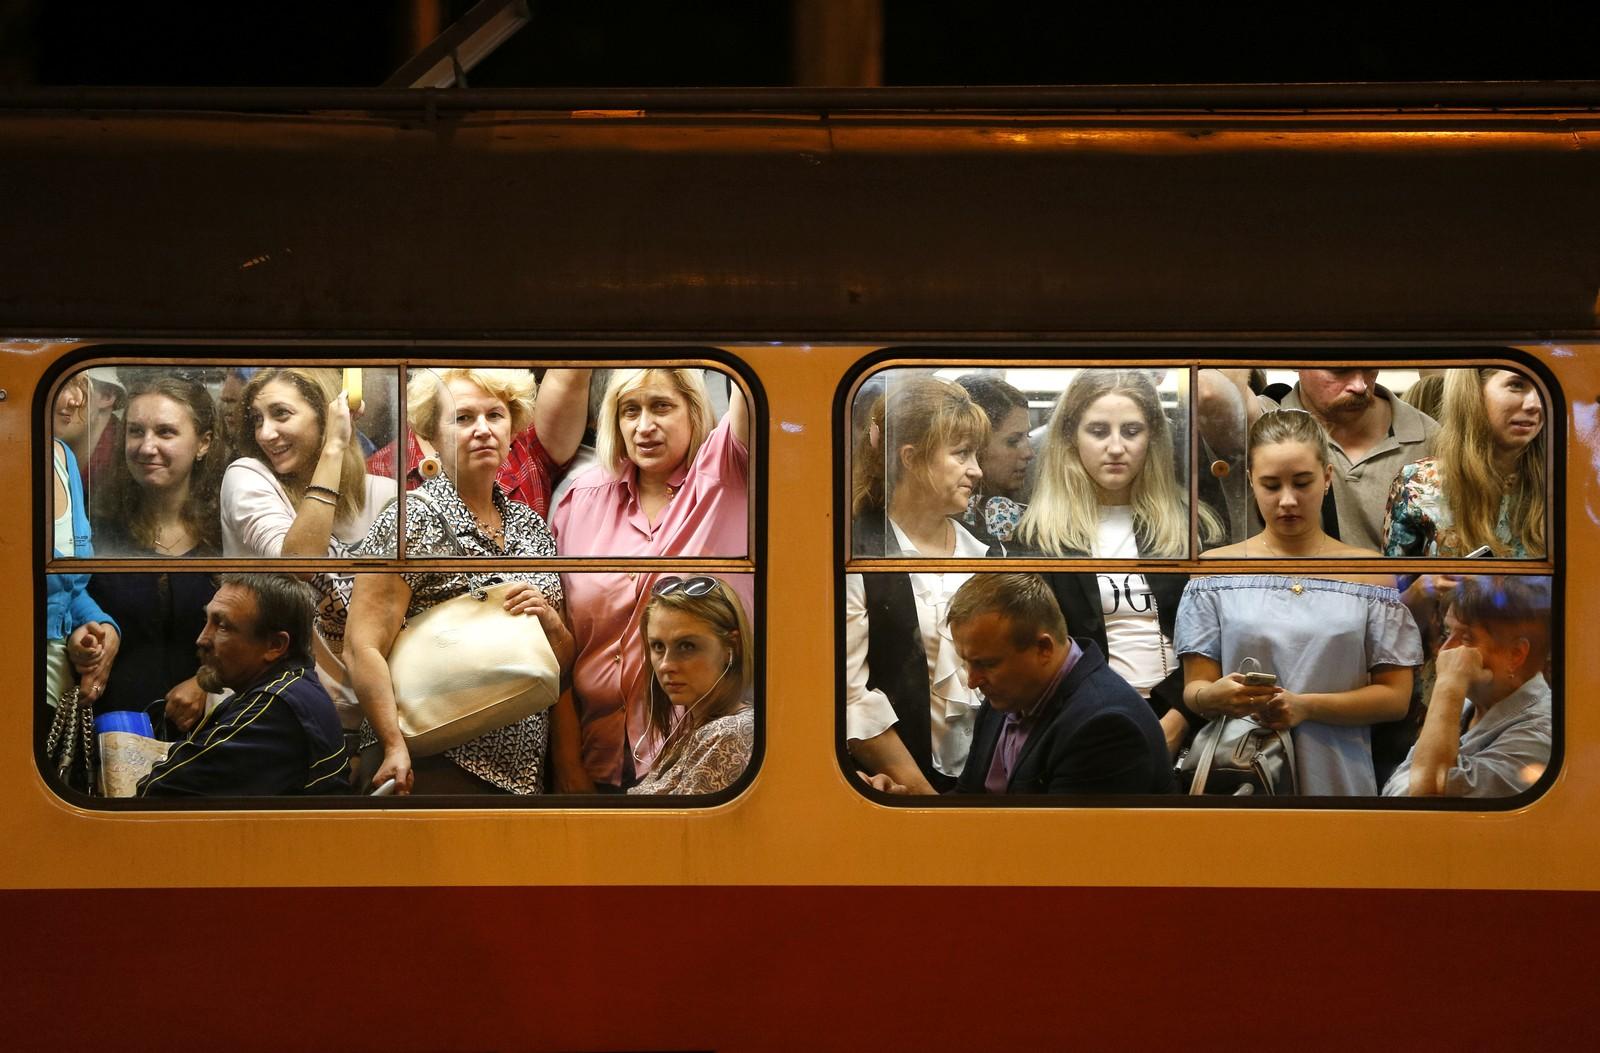 Det ser koselig ut. En tettpakket trikk i Kiev.